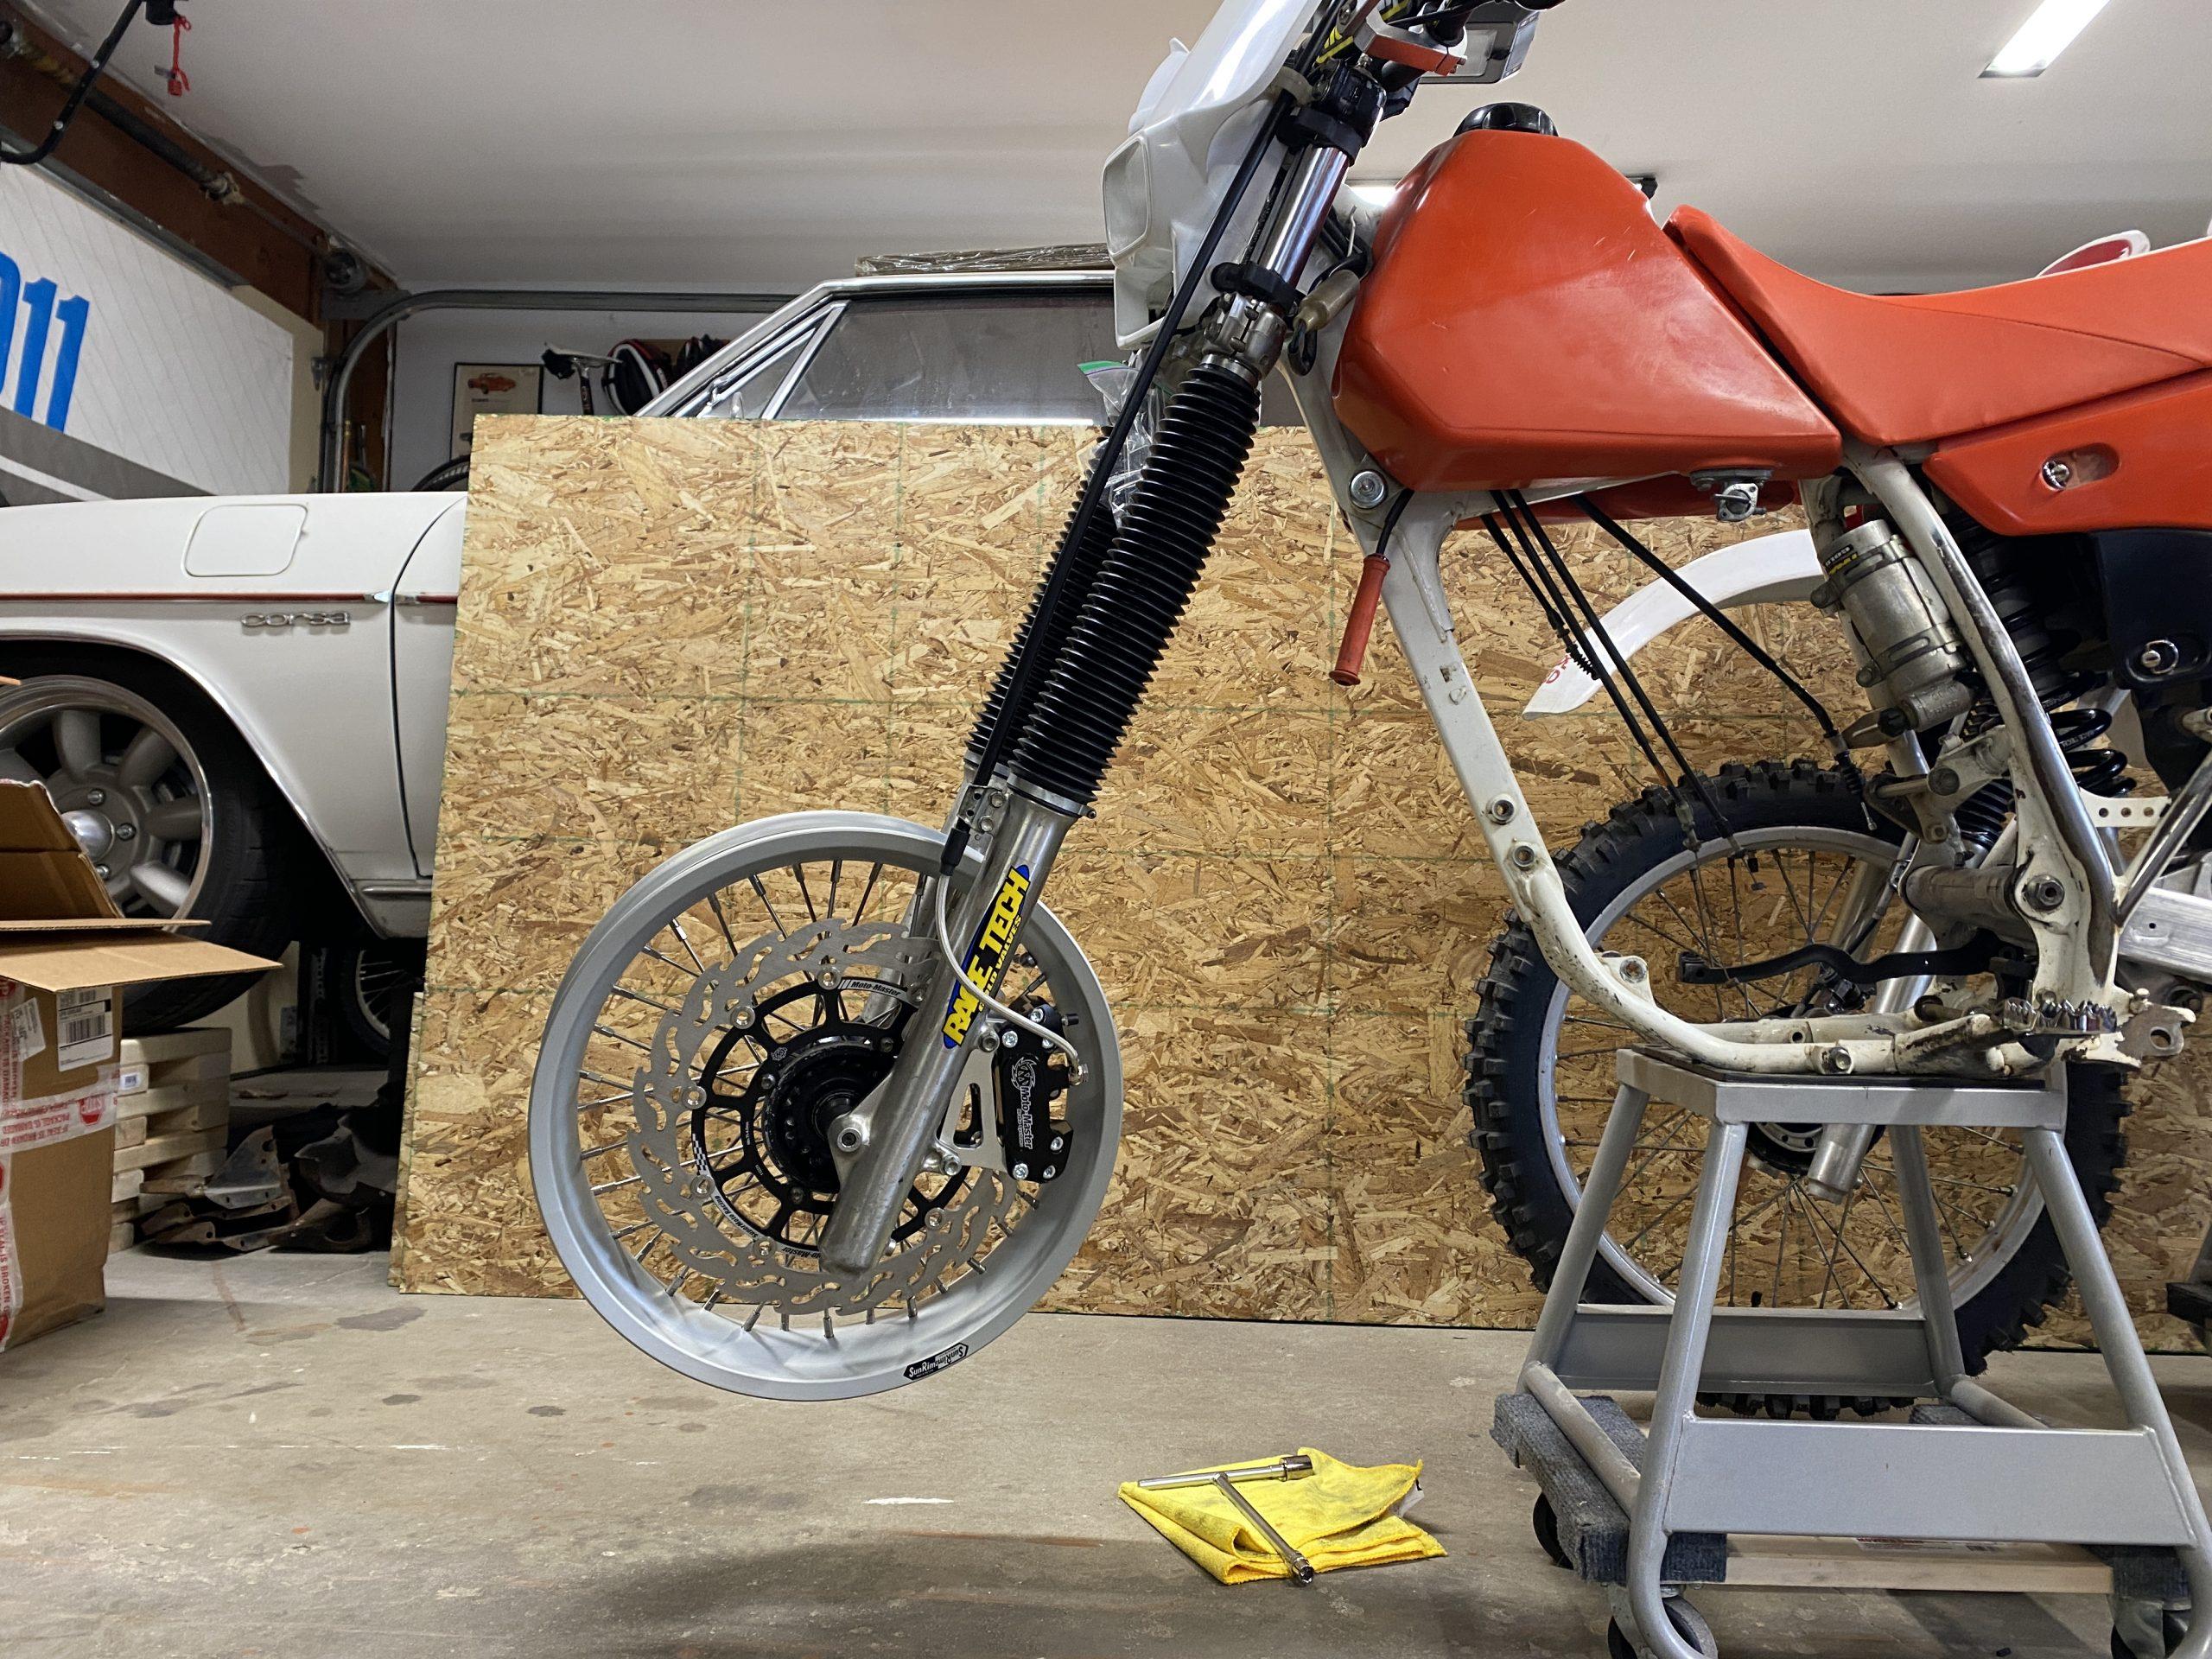 Honda XR250 front end supermoto setup wide